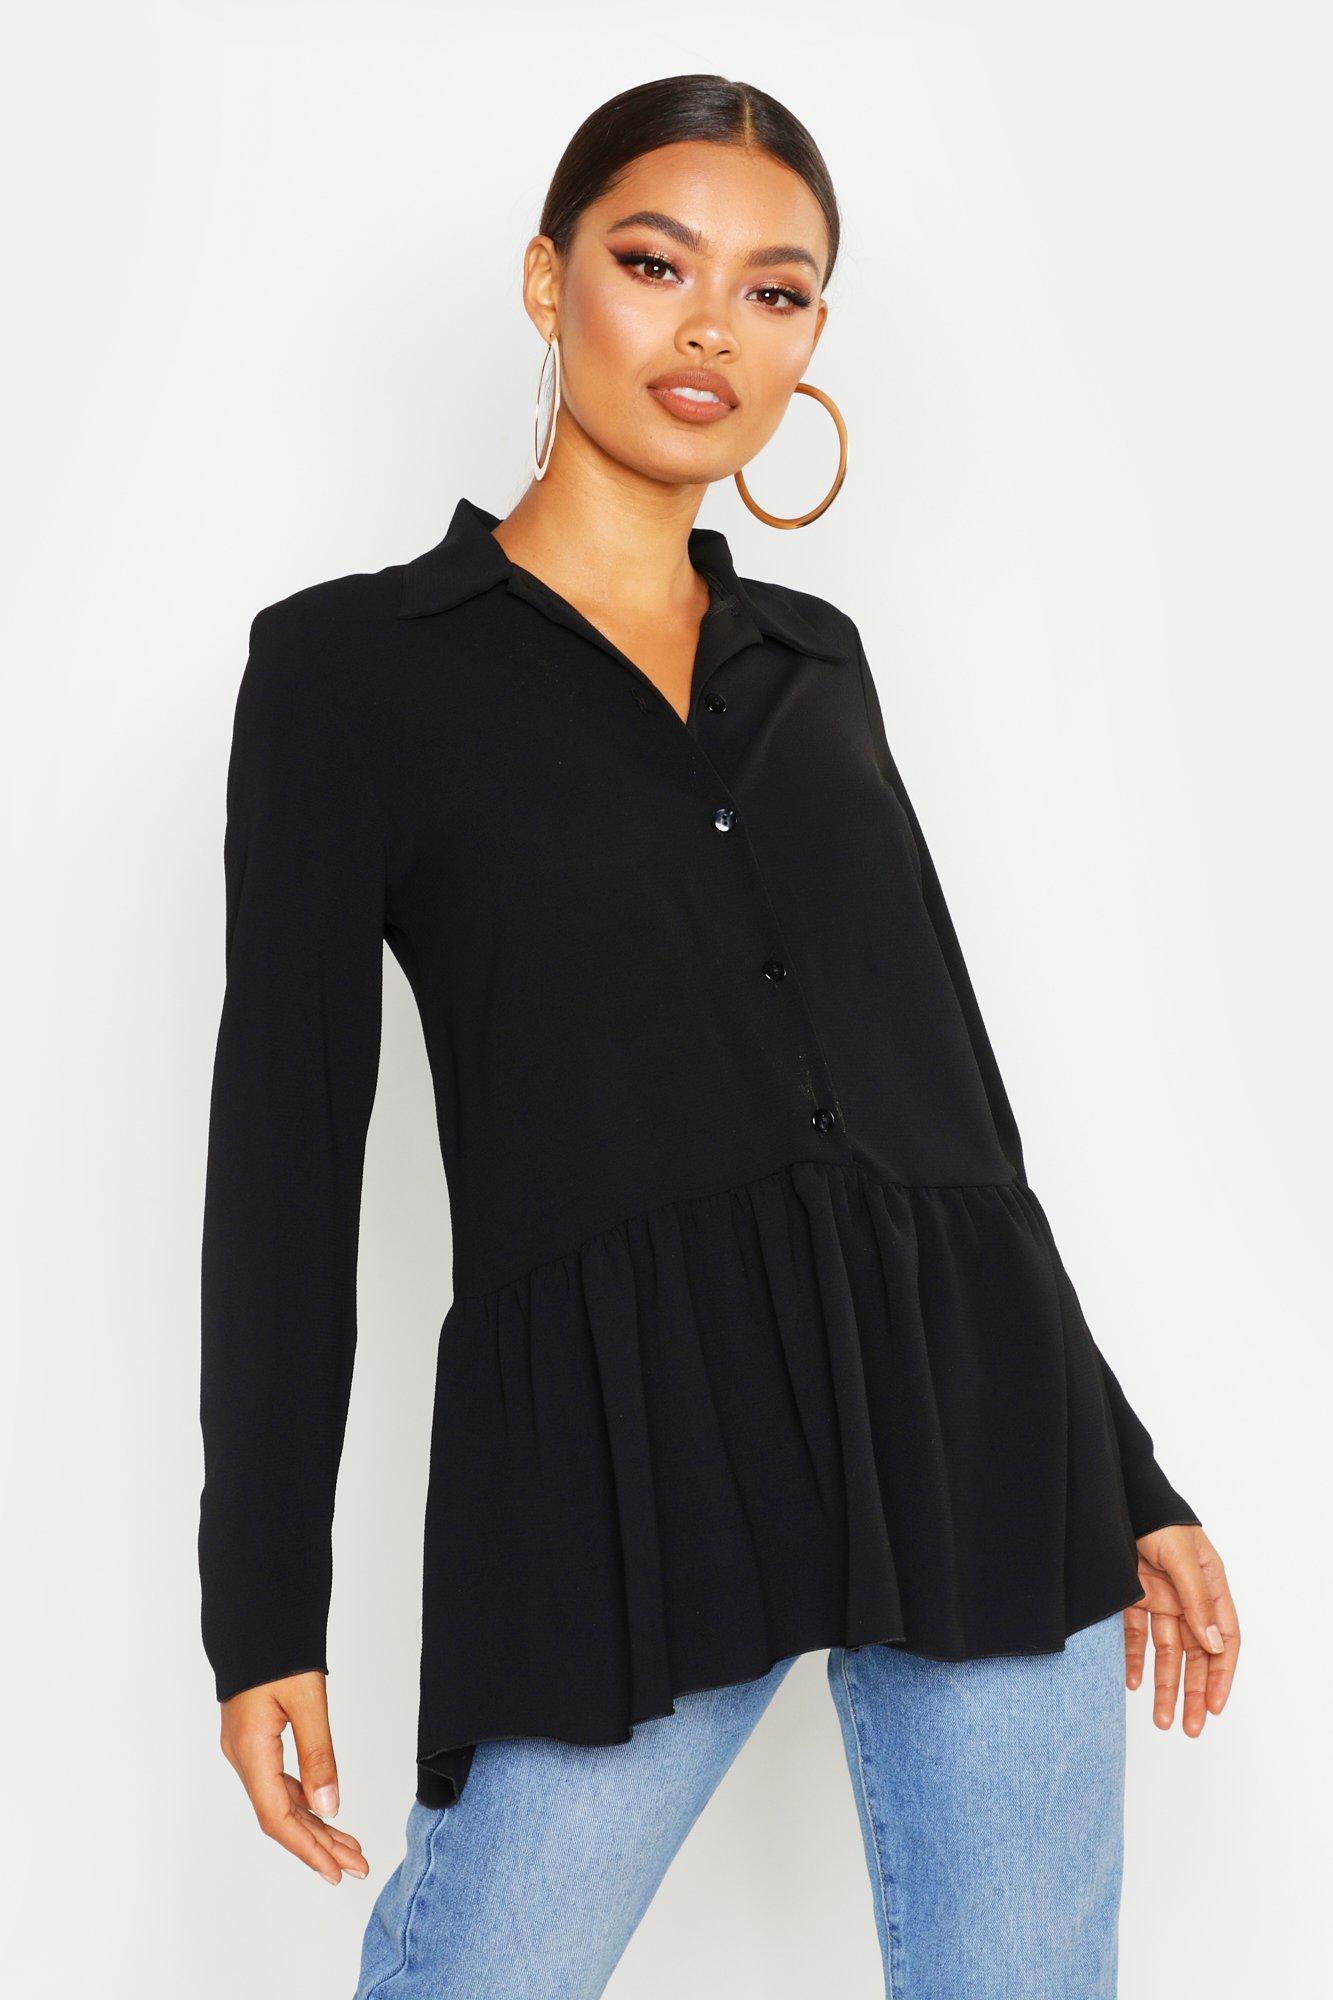 Womens Hemd mit Schößchen - schwarz - 36, Schwarz - Boohoo.com